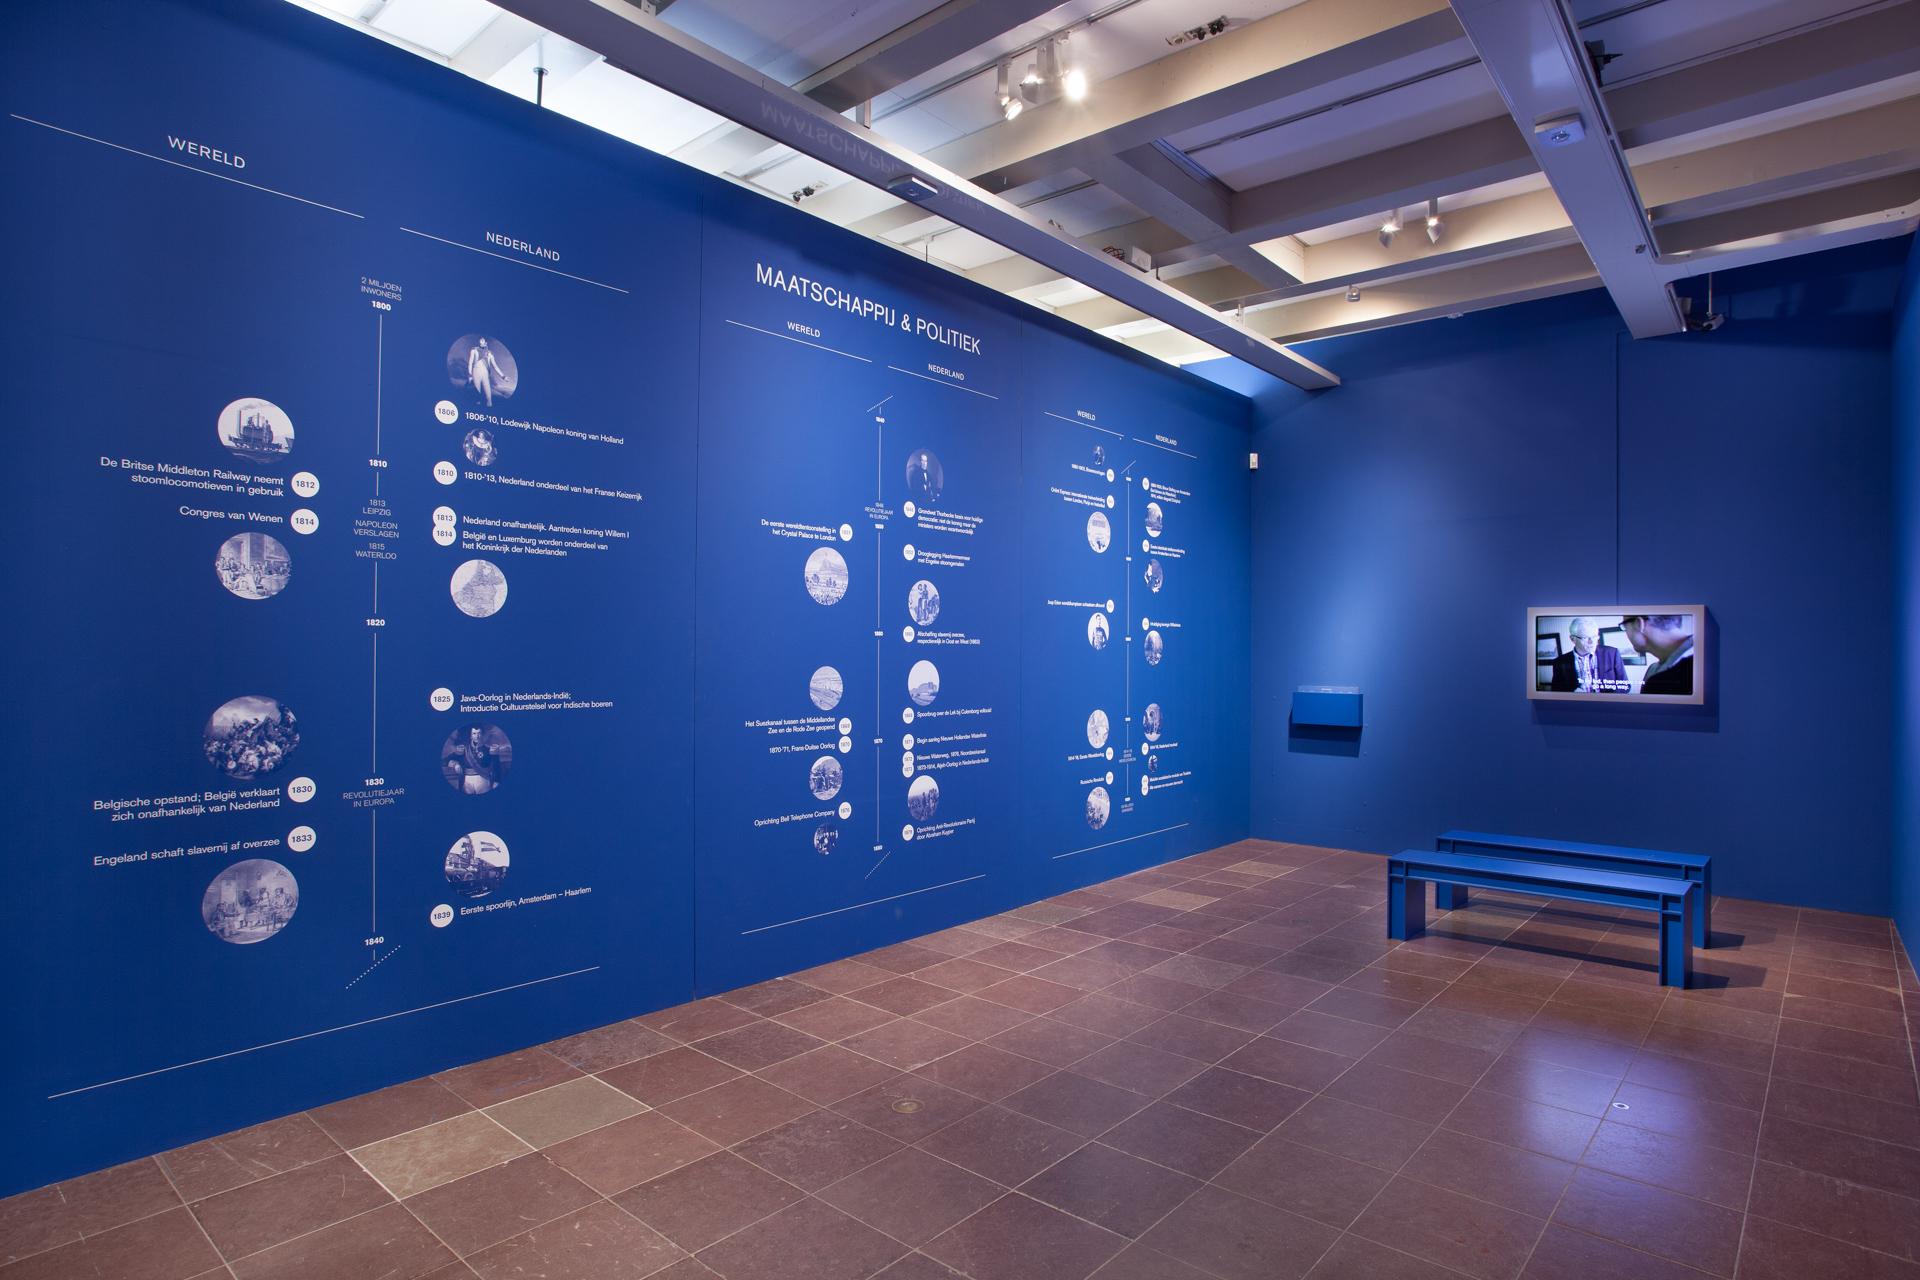 tentoonstellingsontwerp ijzeren eeuw amsterdam museum 06 jpg